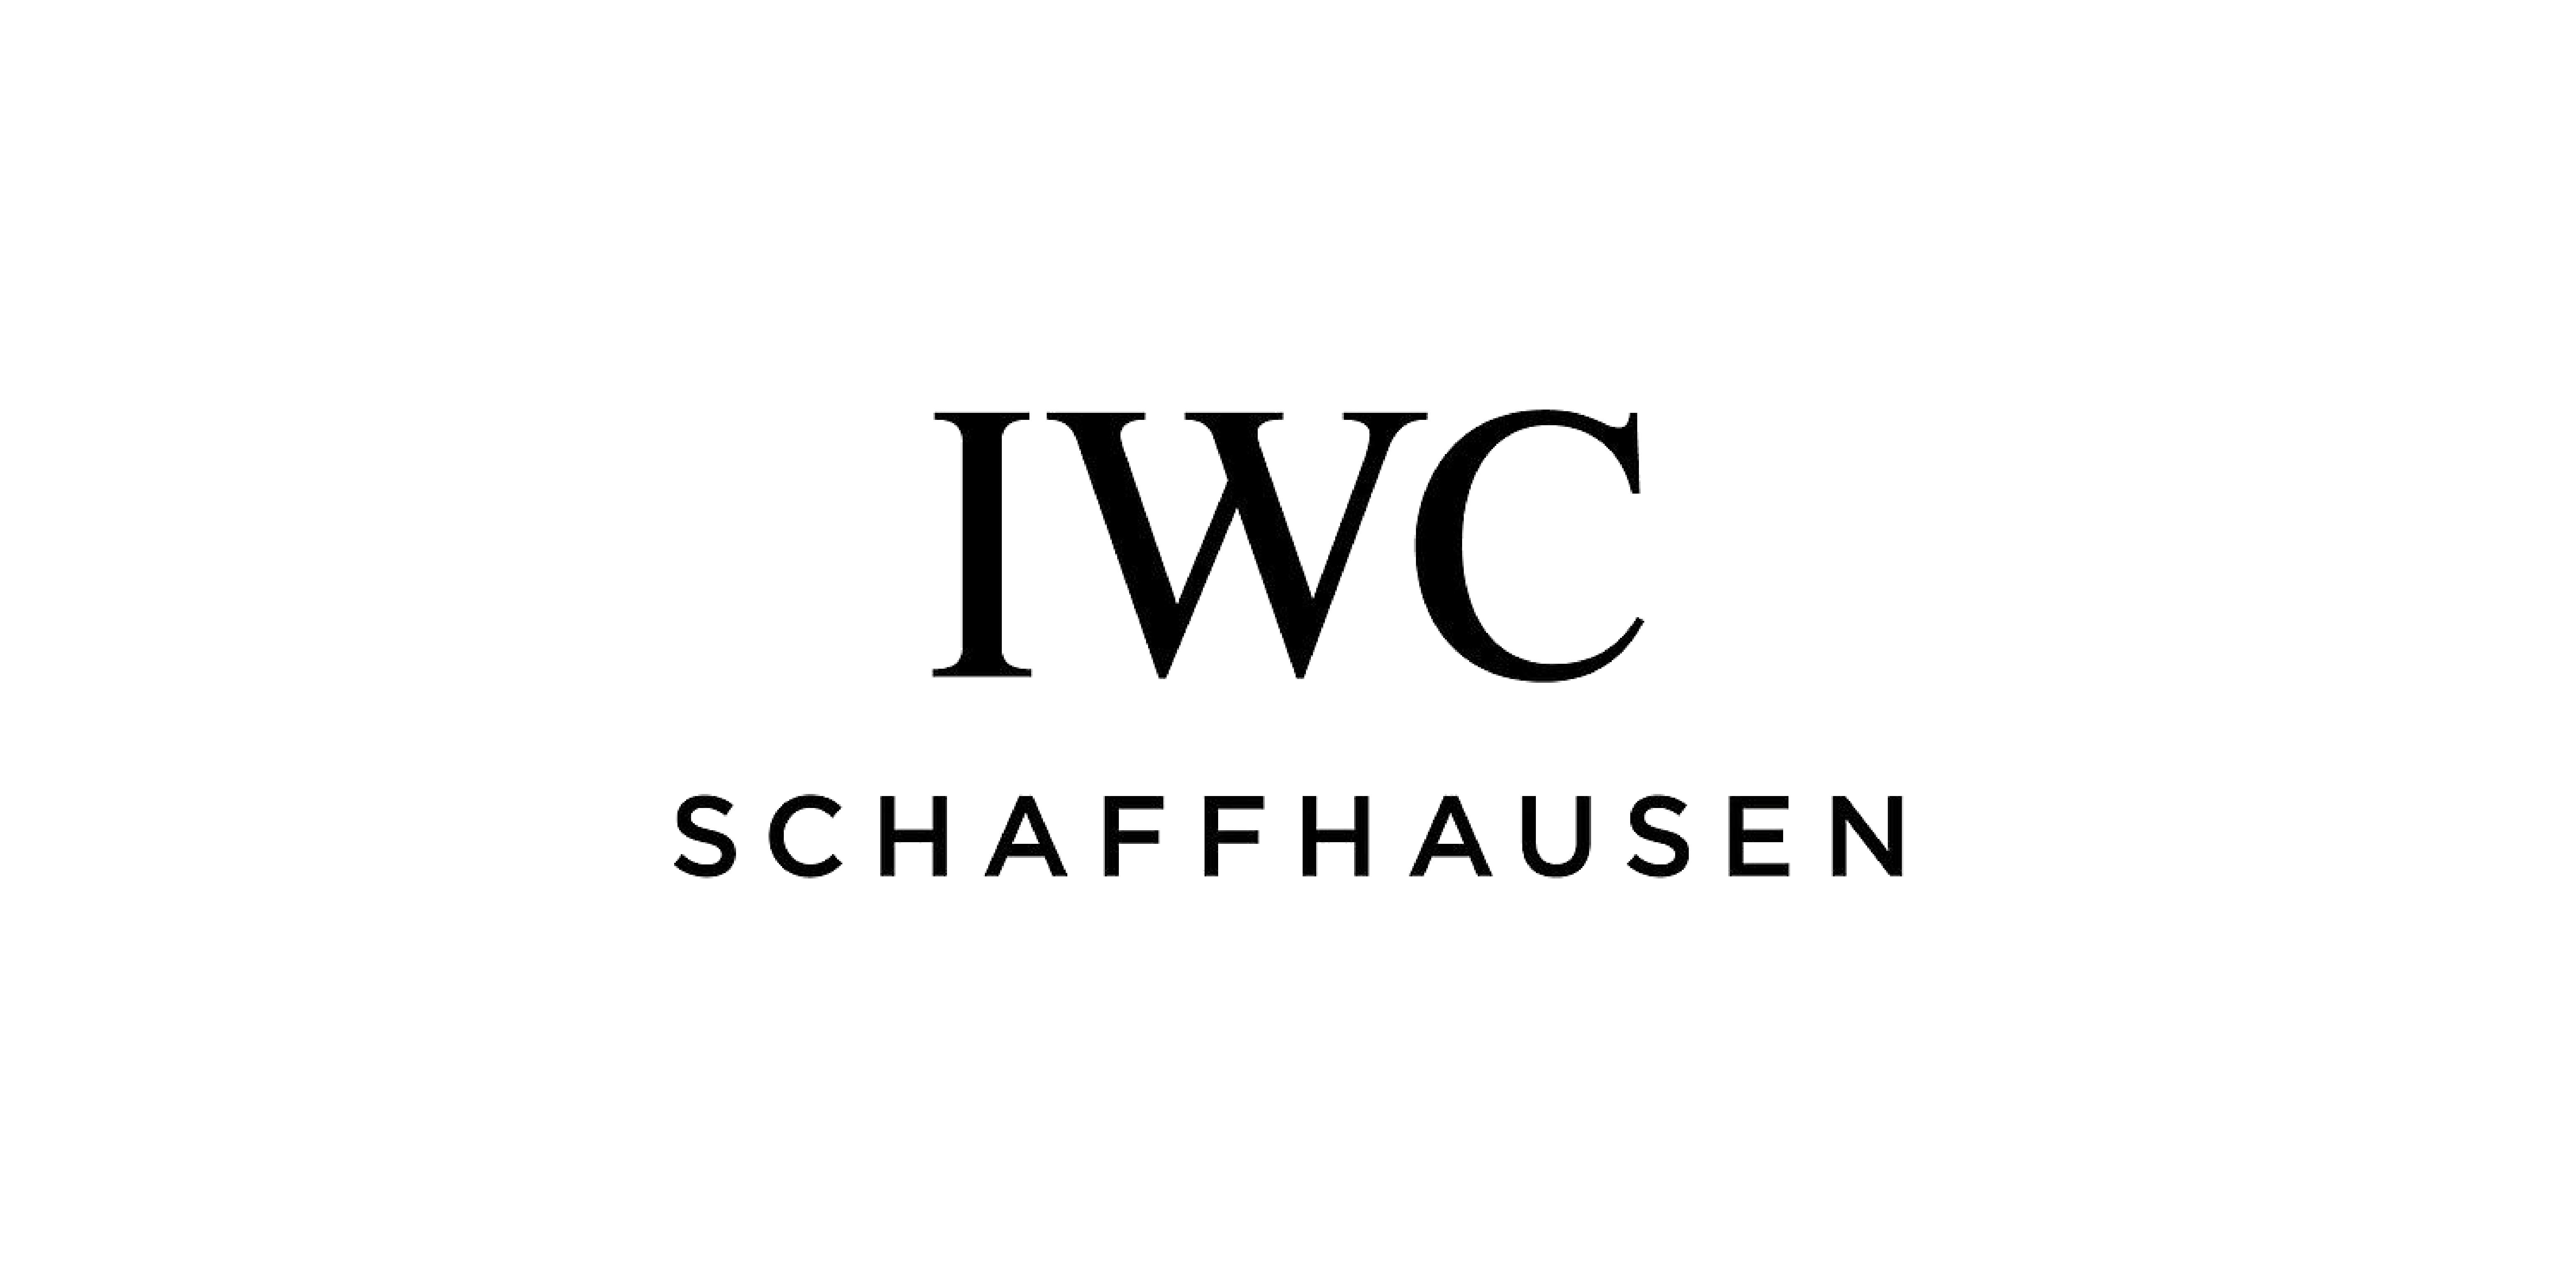 Brand Noii - IWC